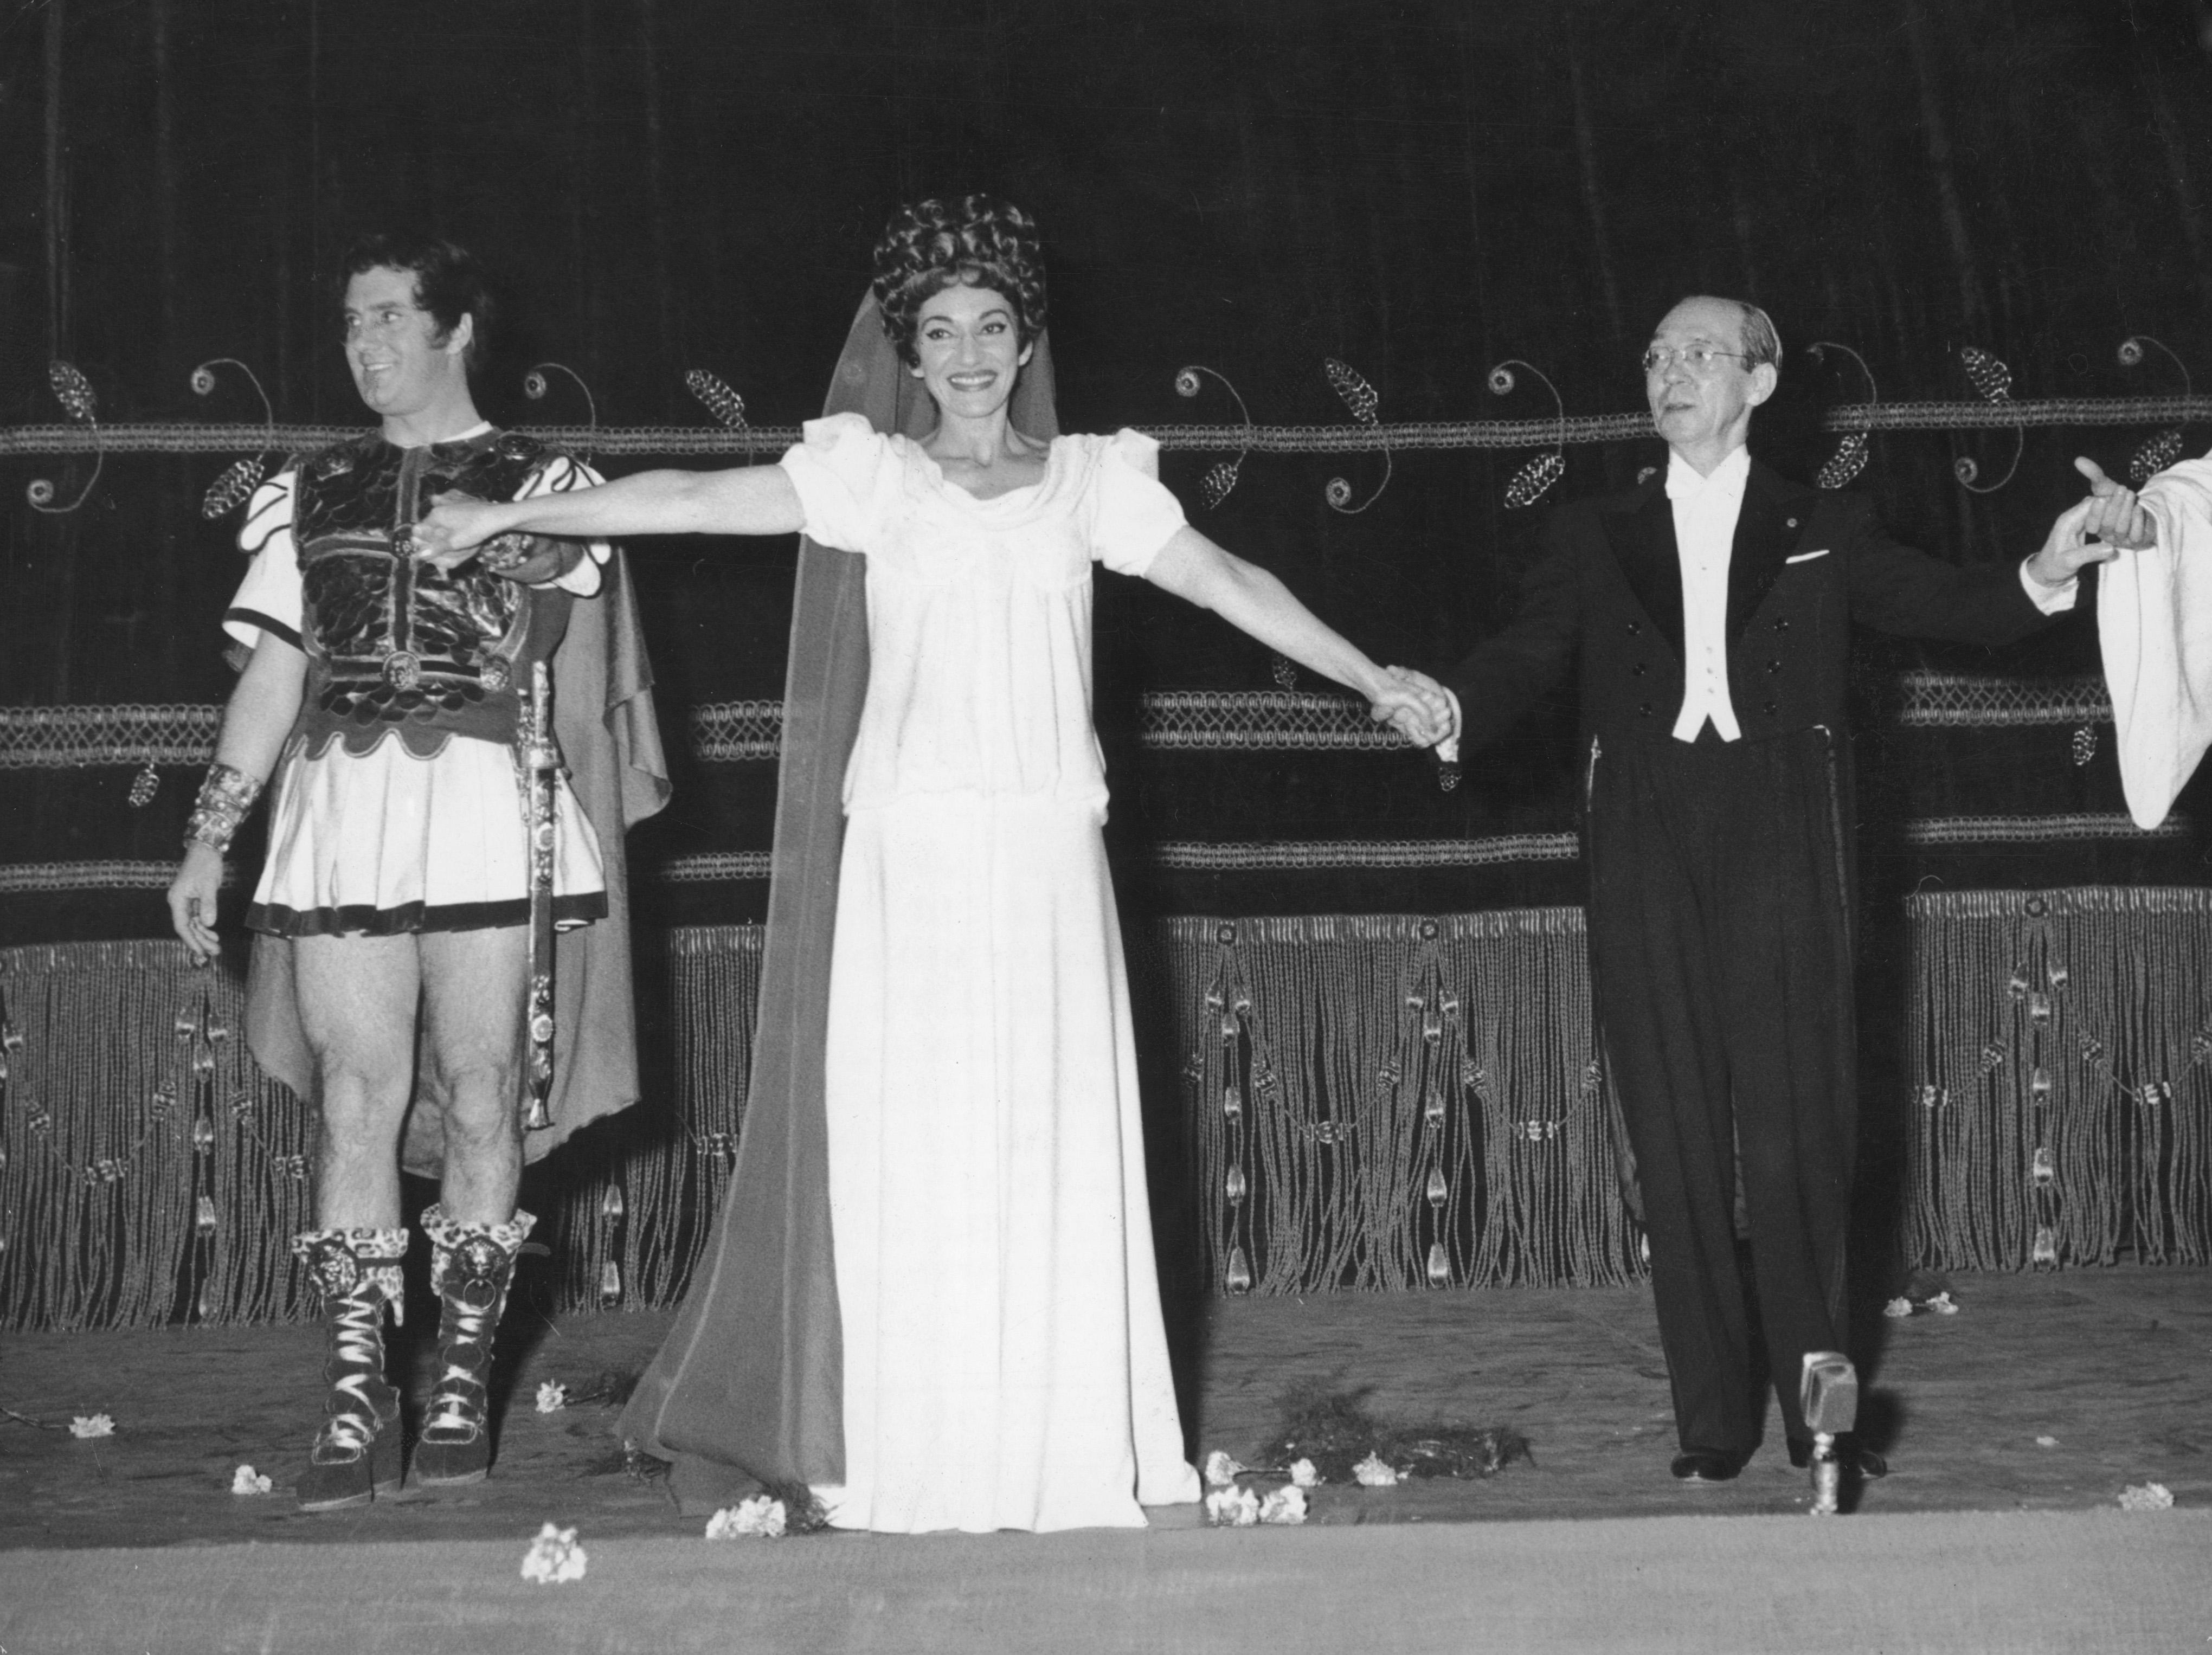 <p>Става известна в Италия, където дебютира в &bdquo;Ла Скала&ldquo; през 1952 г. Театърът се превръща в нейния артистичен дом през 50-те години на миналия век. Малко по-късно там започват да се режисират произведения специално за примата.</p>